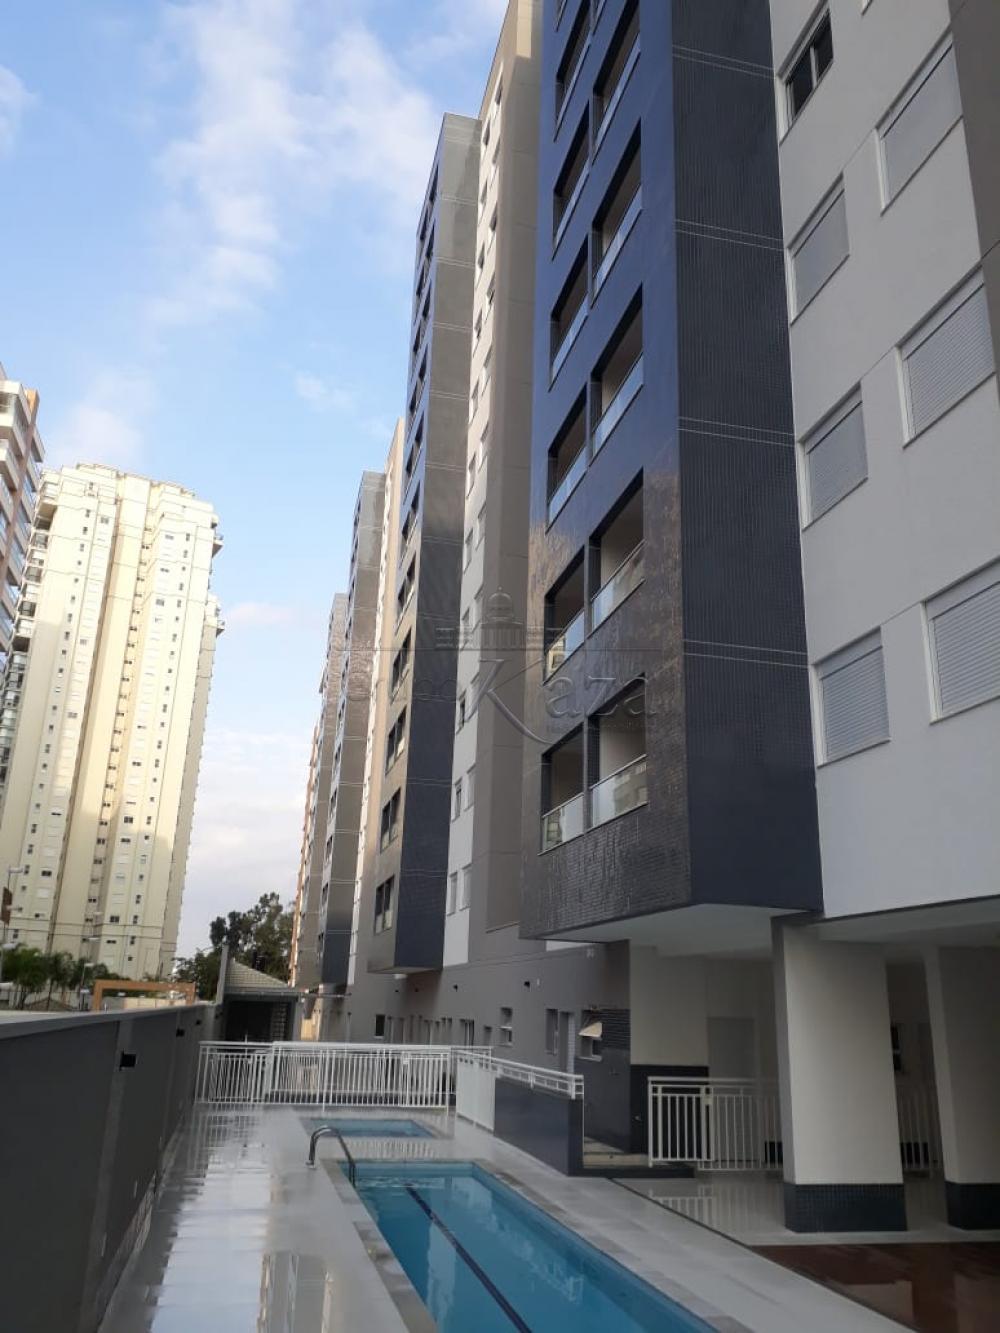 Alugar Apartamento / Padrão em São José dos Campos apenas R$ 2.100,00 - Foto 2